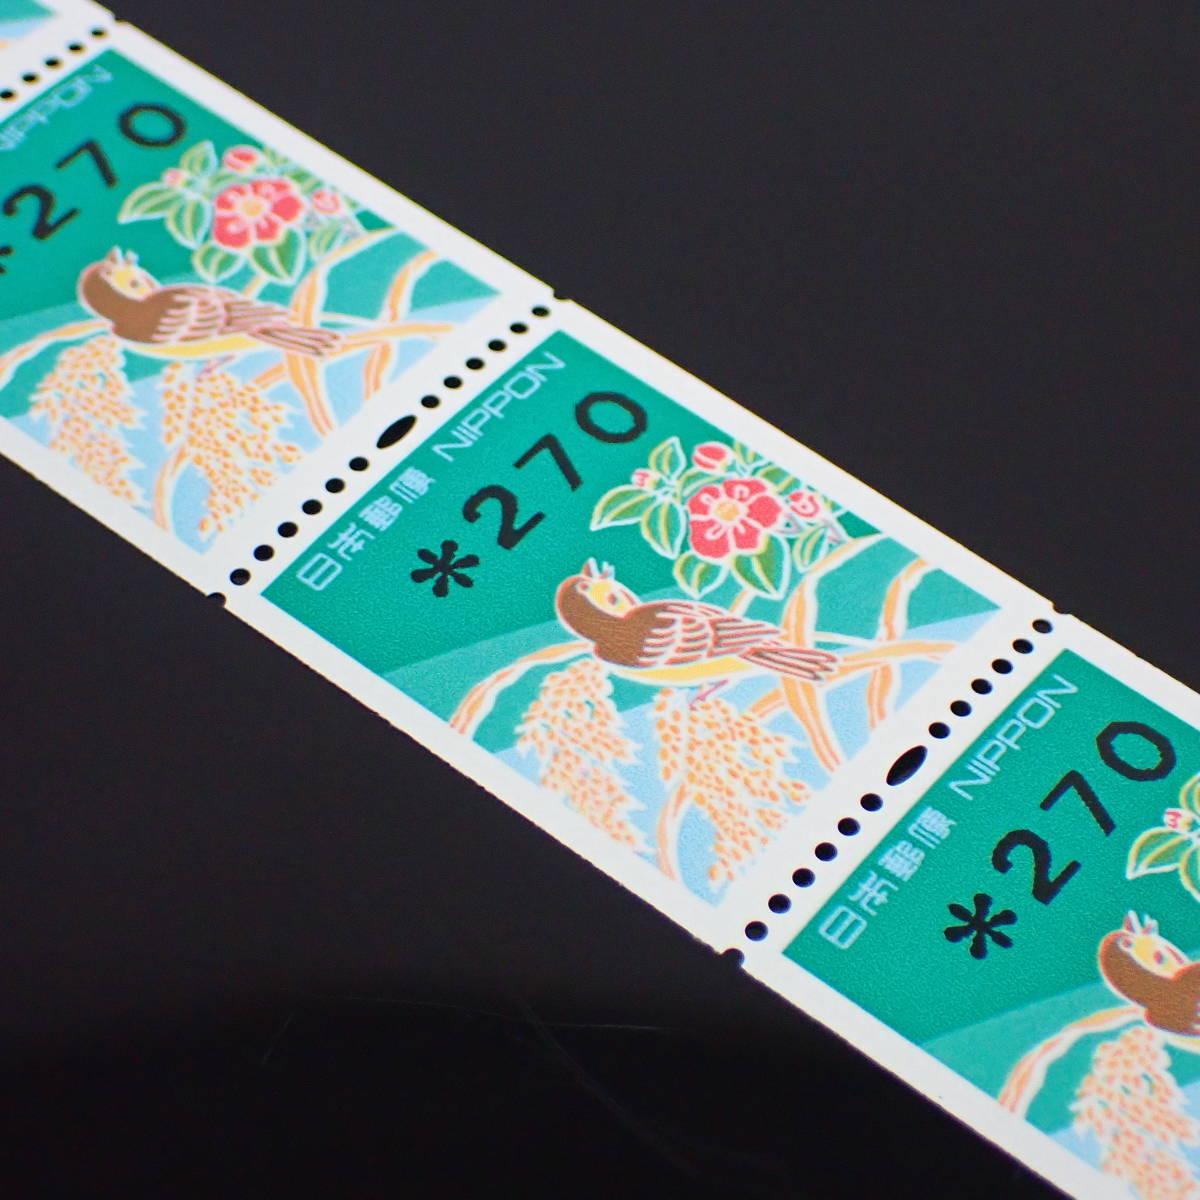 エラー切手 270円 誤印字 コイル切手 5枚連 未使用切手 _画像2